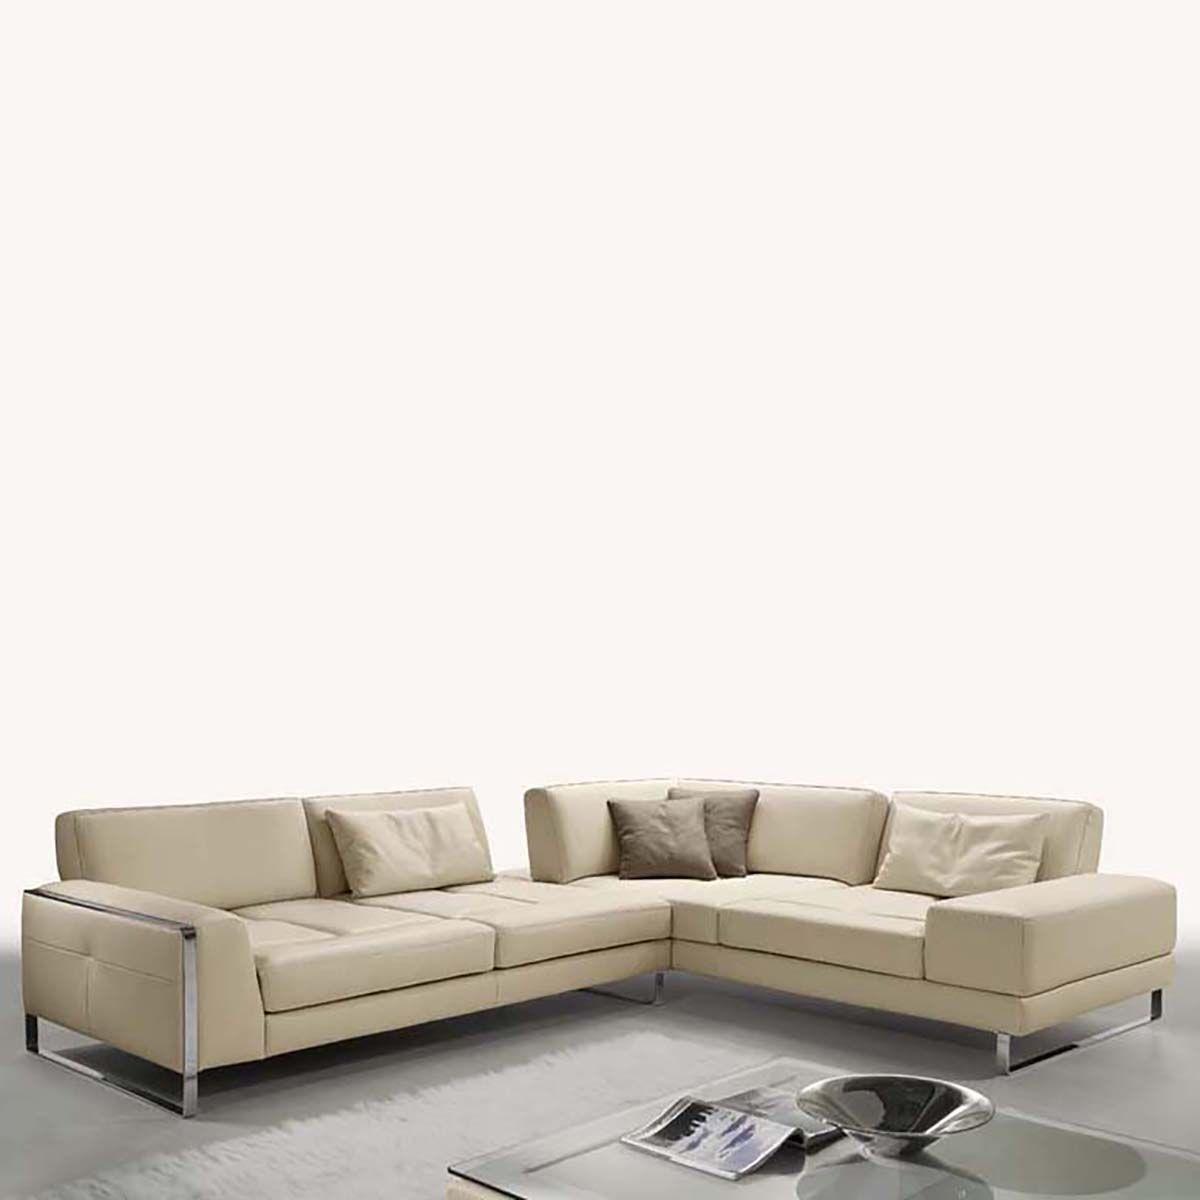 Laguna Design Depot Furniture Furniture Miami Showroom Dekorasi Rumah Rumah Dekorasi